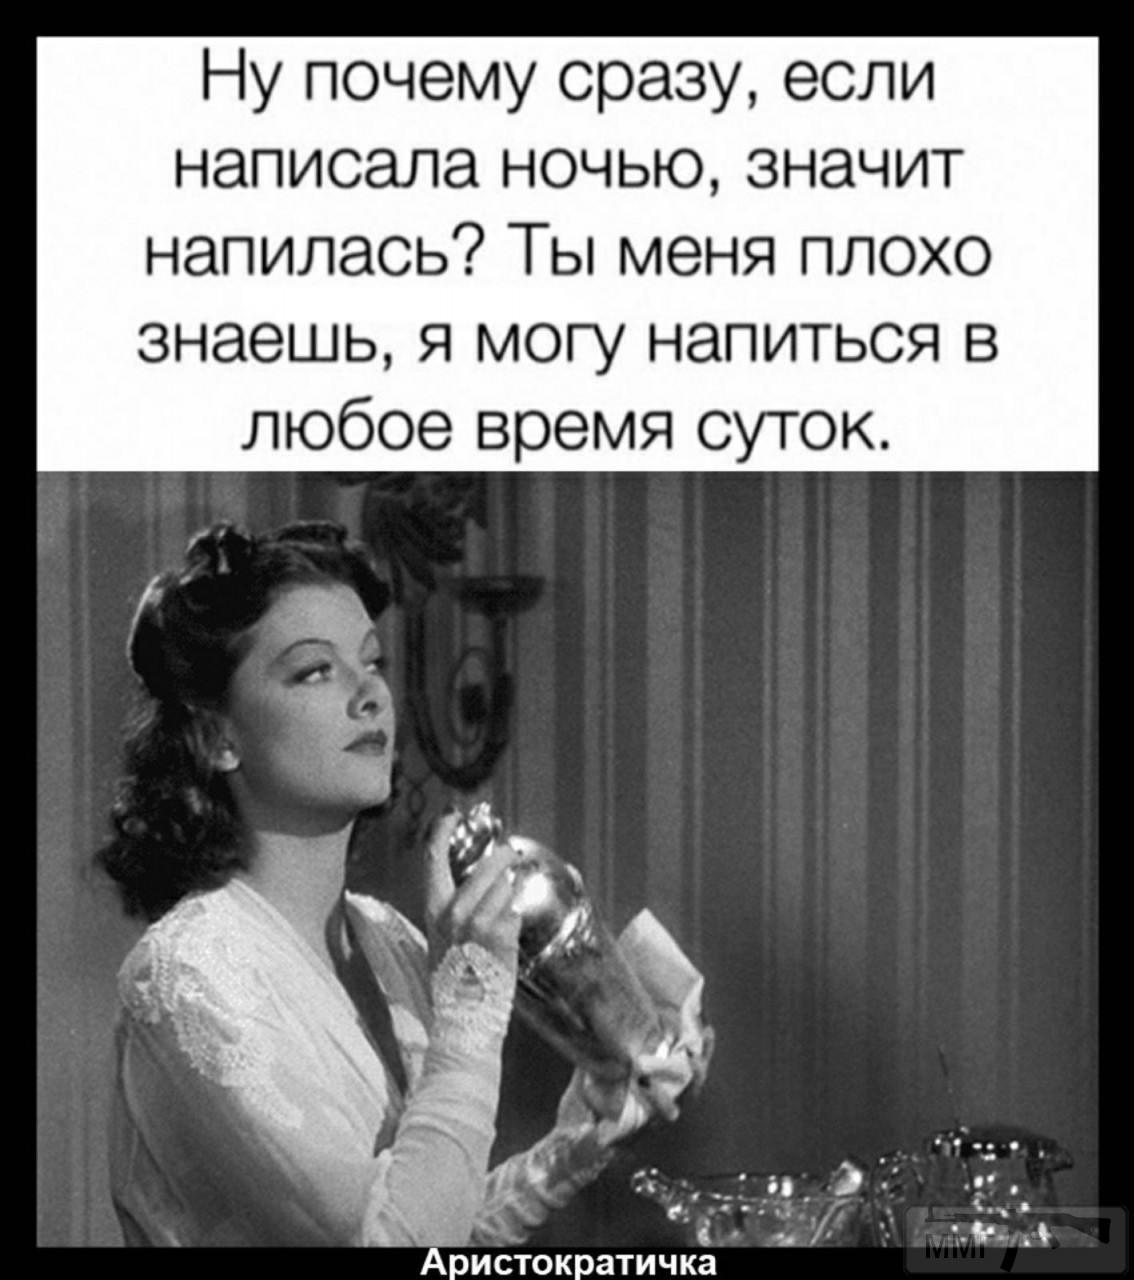 95775 - Пить или не пить? - пятничная алкогольная тема )))